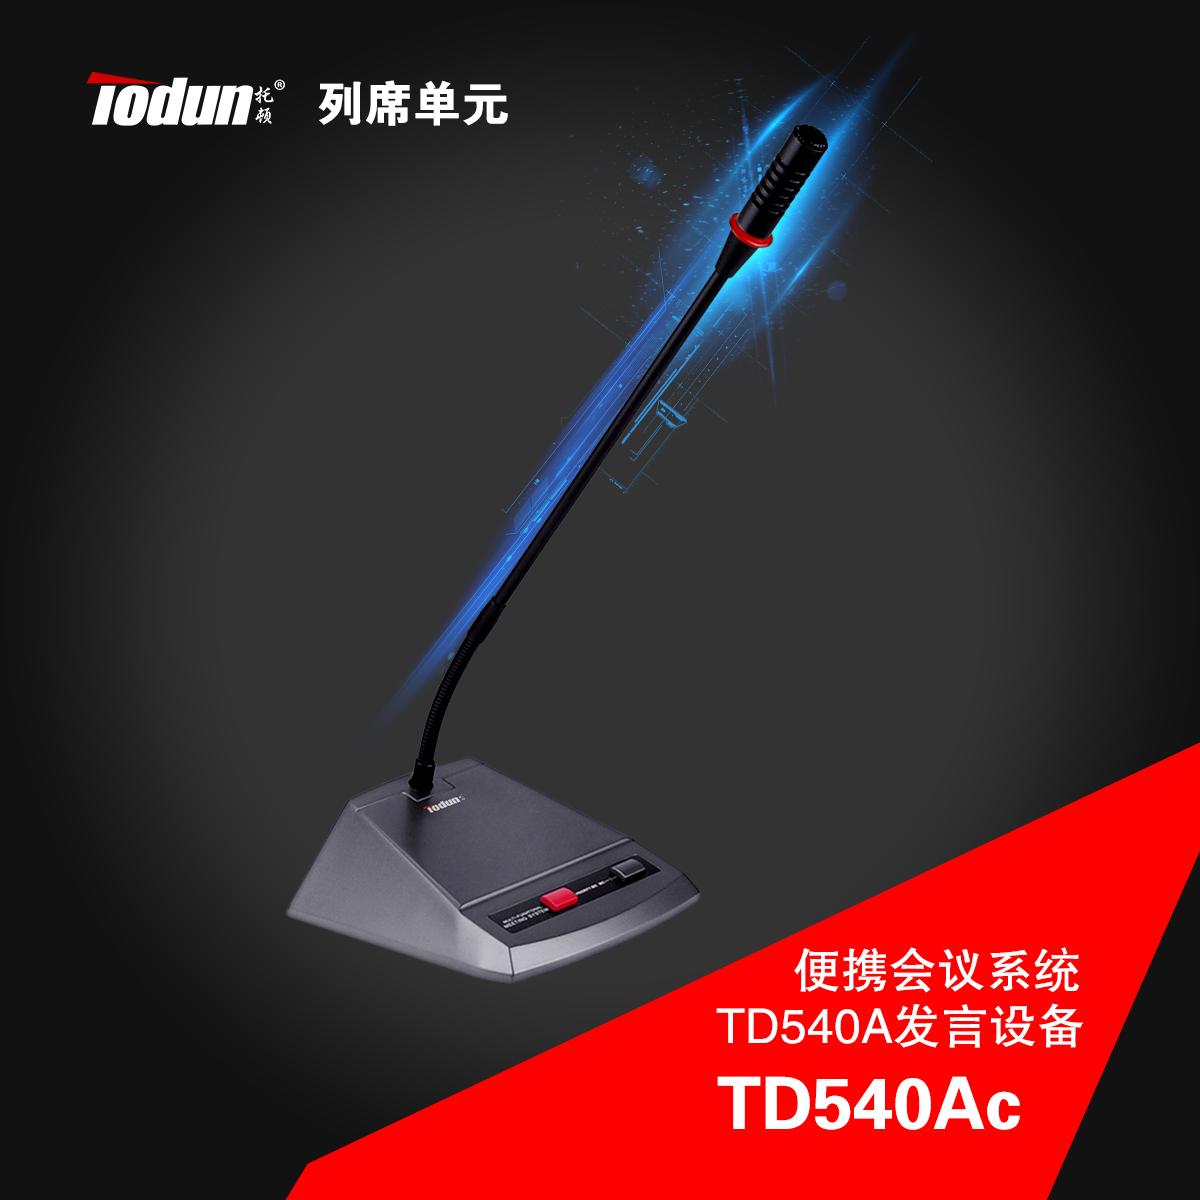 移动会议系统桌面移动会议列席单元TD540Ac 实现讨论视频会议功能